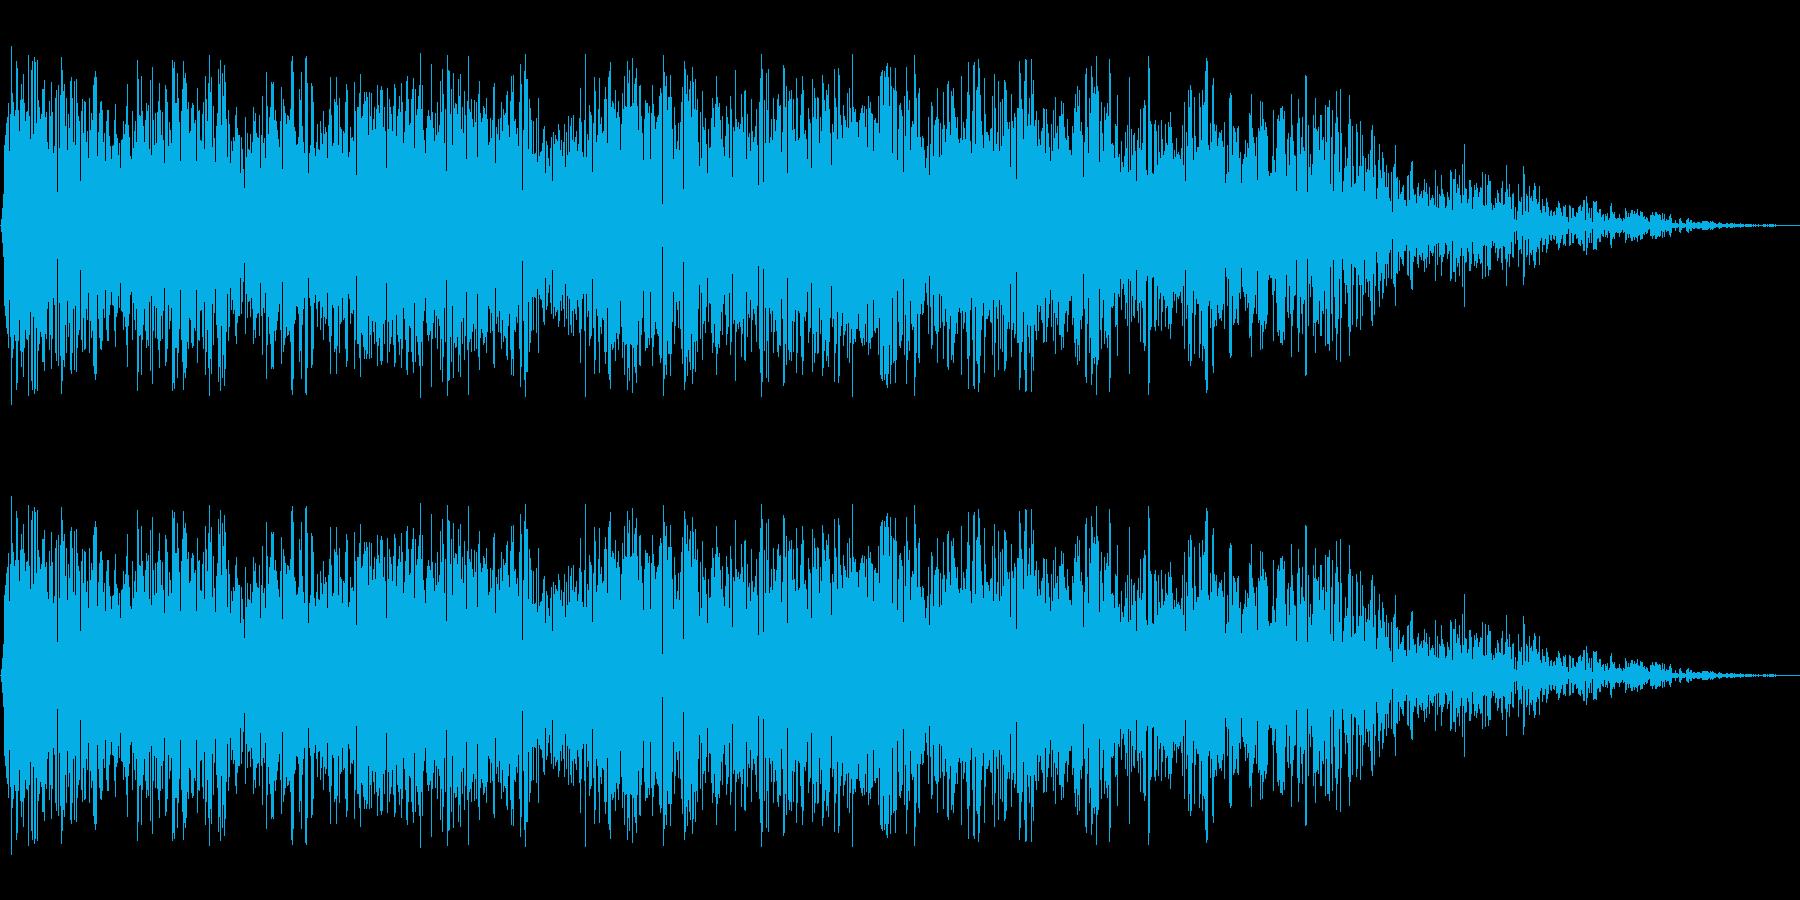 攻撃ヒット音.01の再生済みの波形